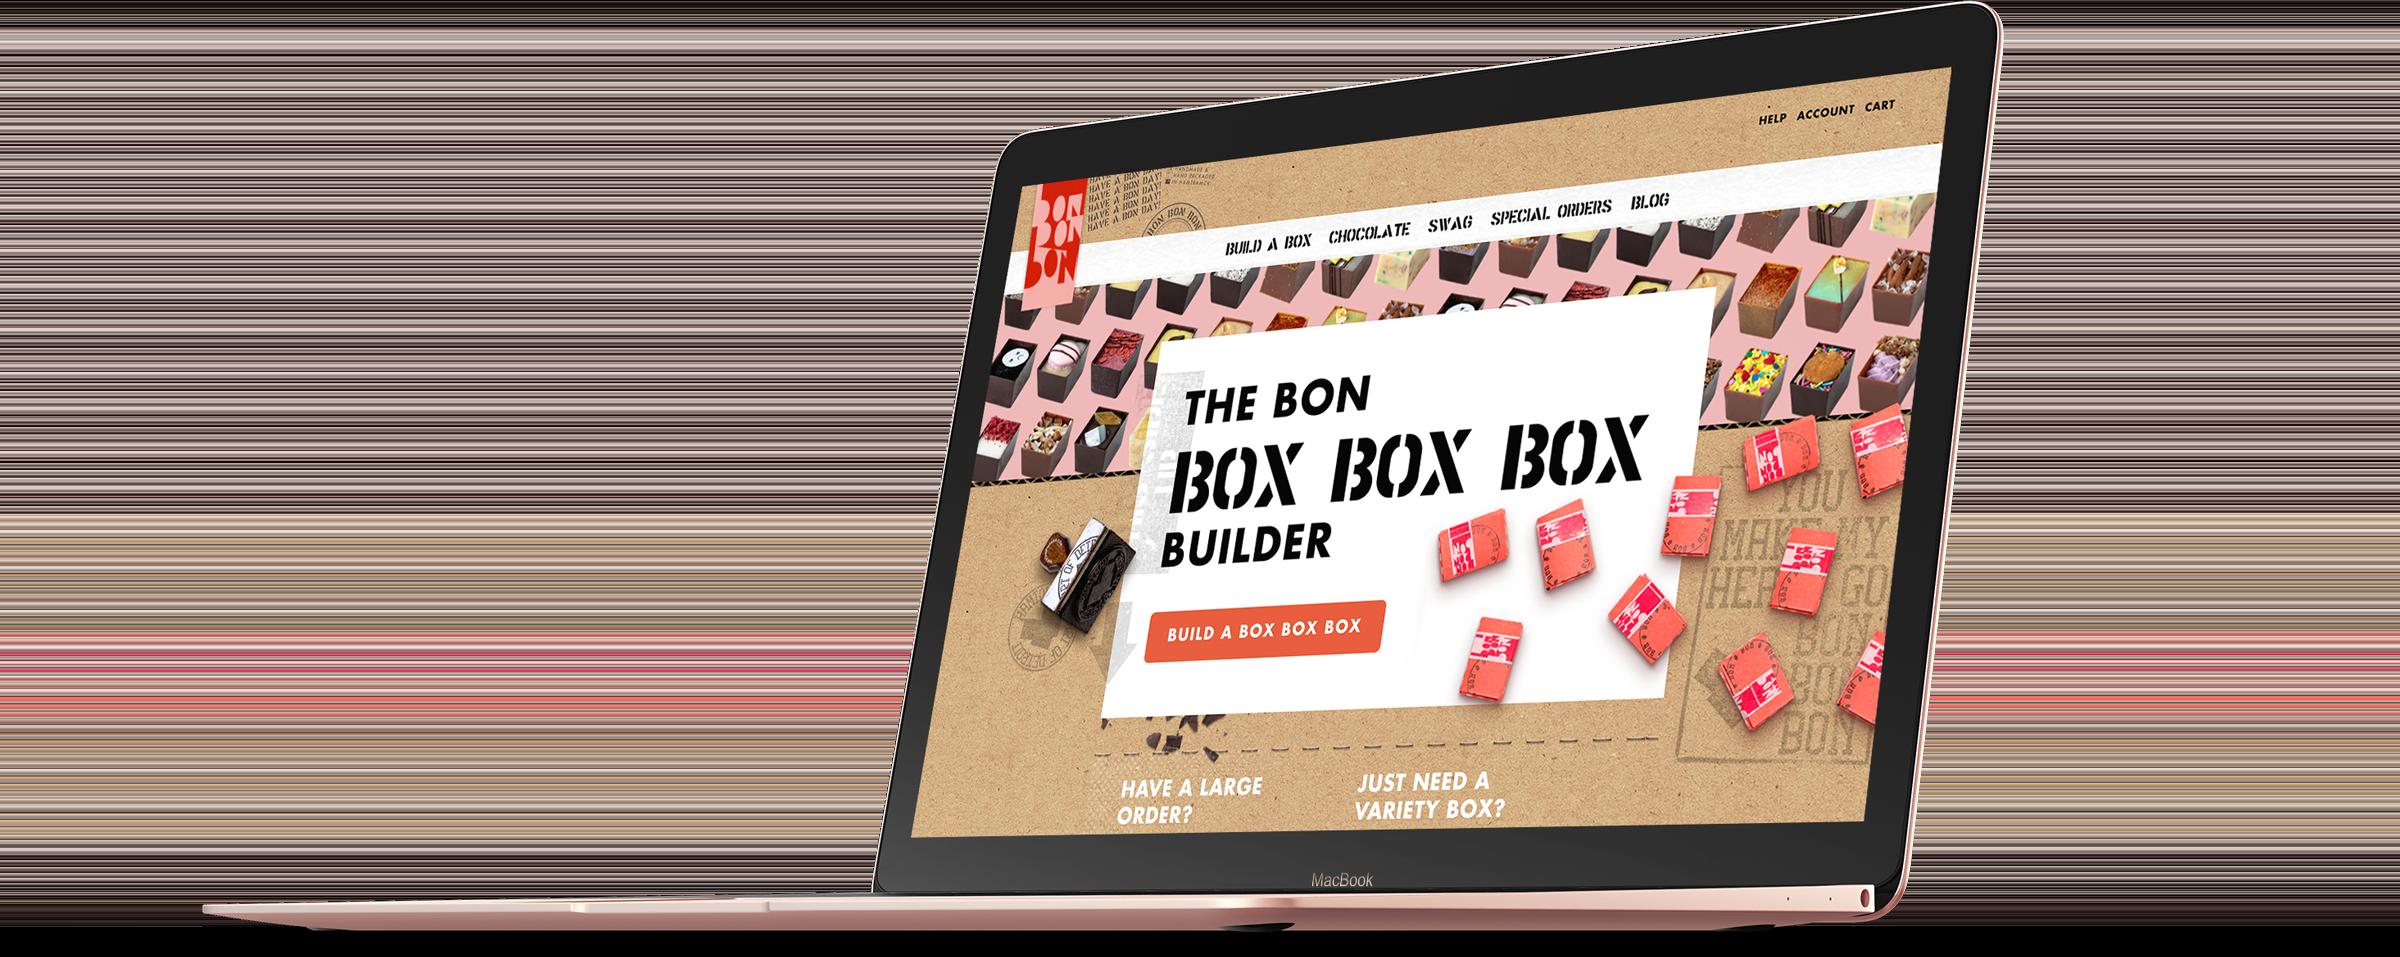 bon bon bon box builder on laptop